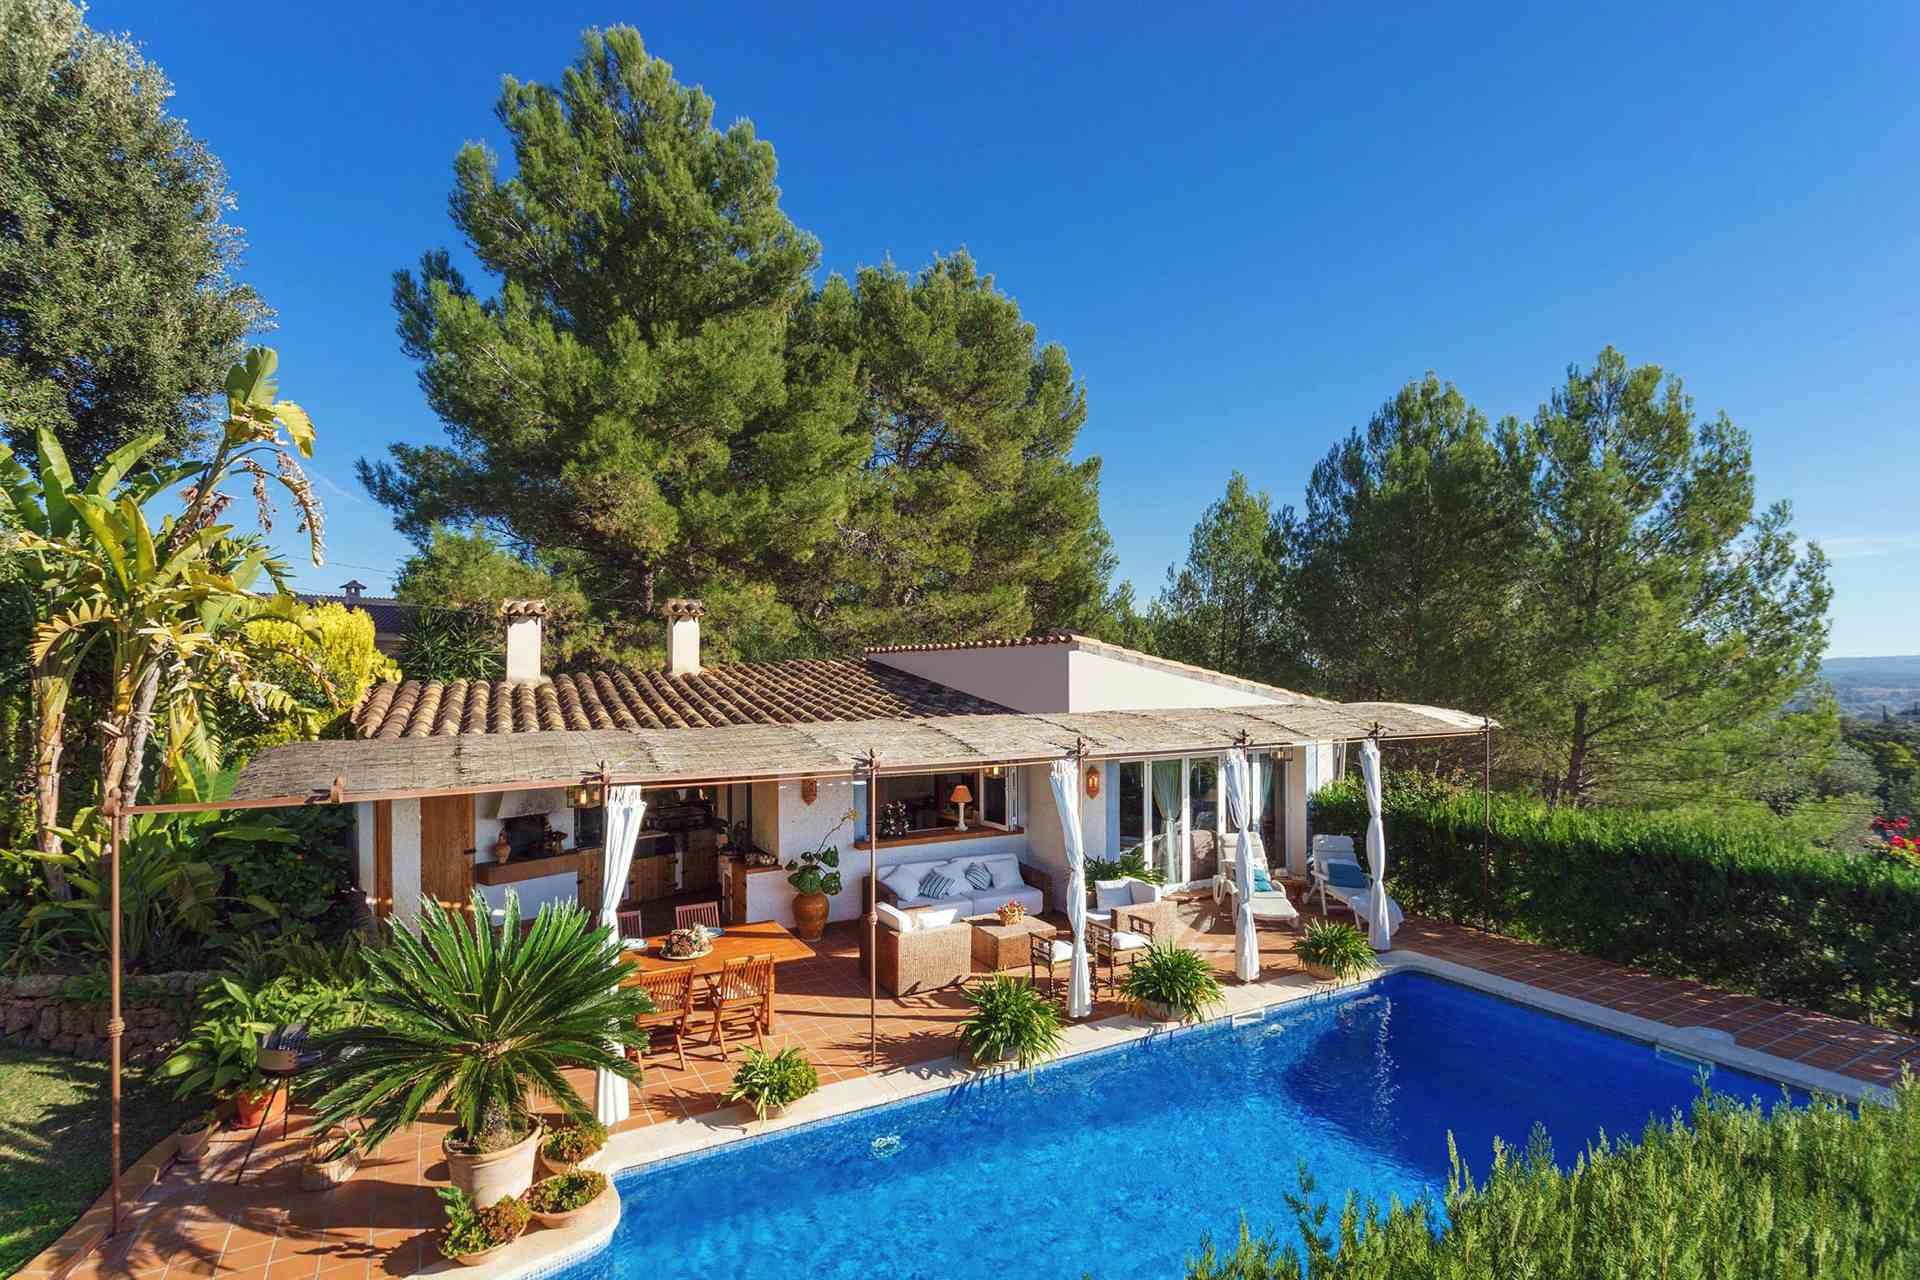 01-287 cozy Finca North Mallorca Bild 6